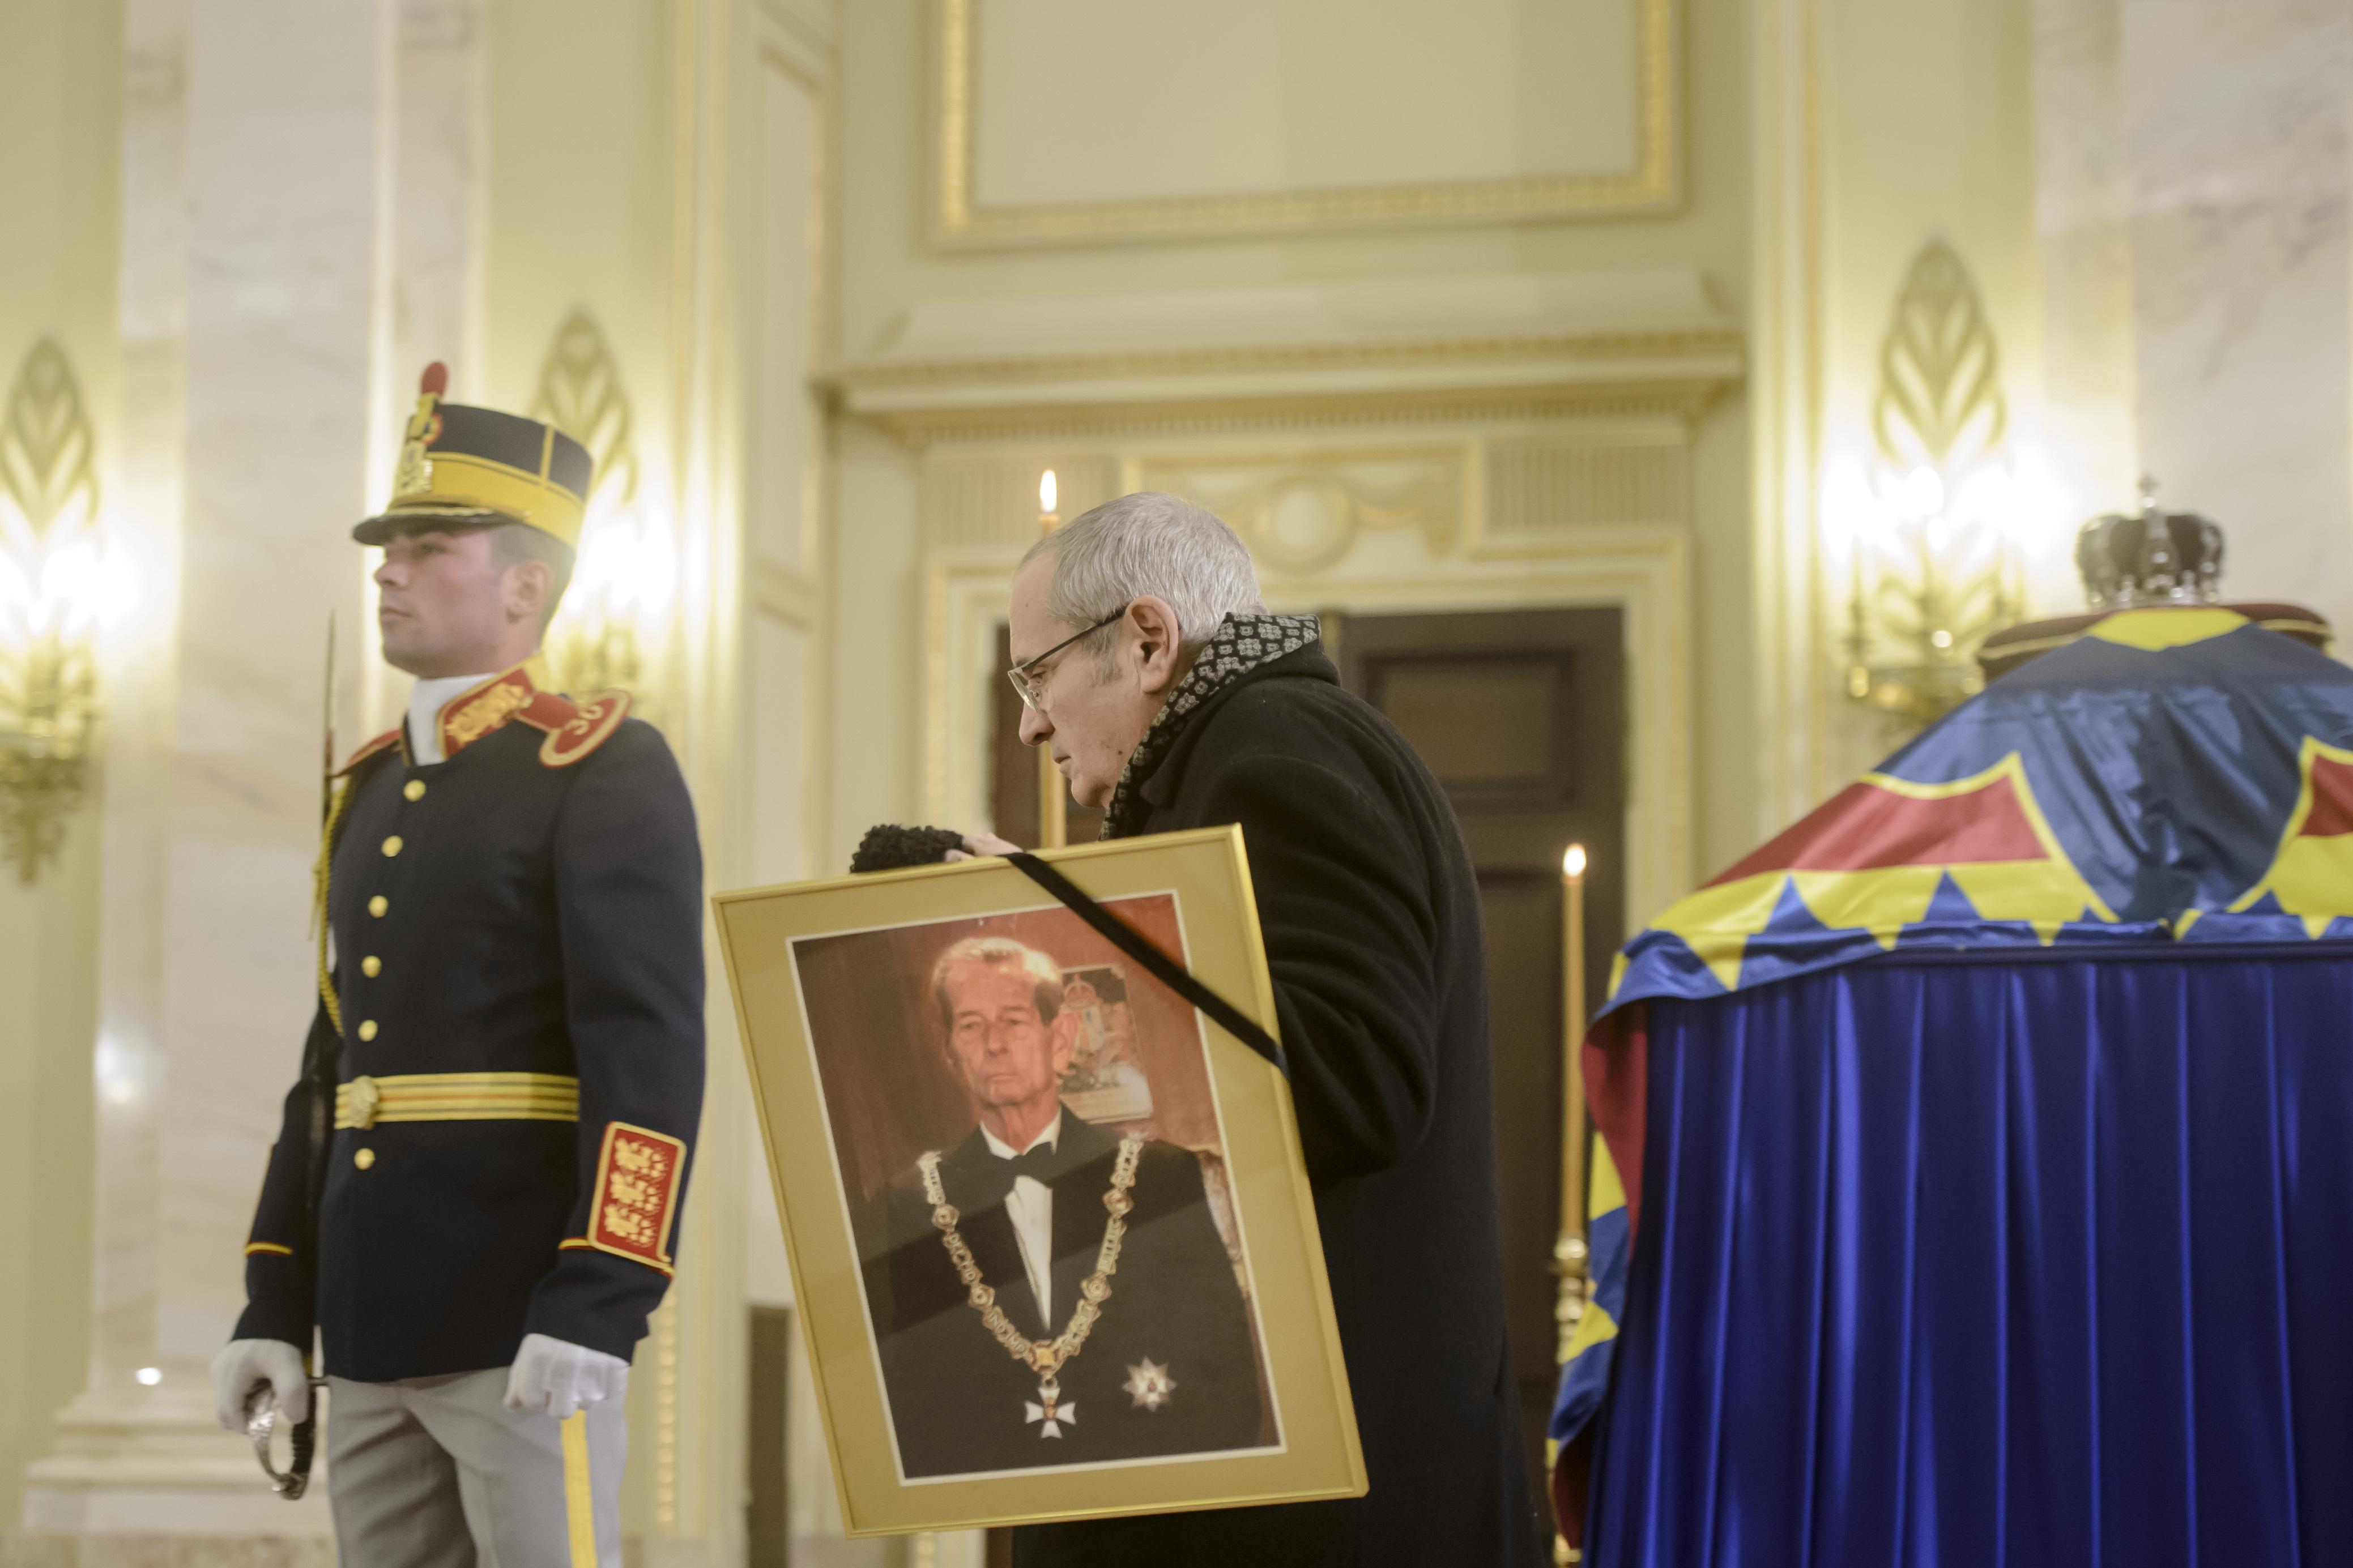 FUNERALIILE Regelui Mihai | România intră, de astăzi, timp de trei zile, în doliu naţional. Catafalcul Majestăţii Sale este depus la Palatul Regal, până sâmbătă | GALERIE FOTO